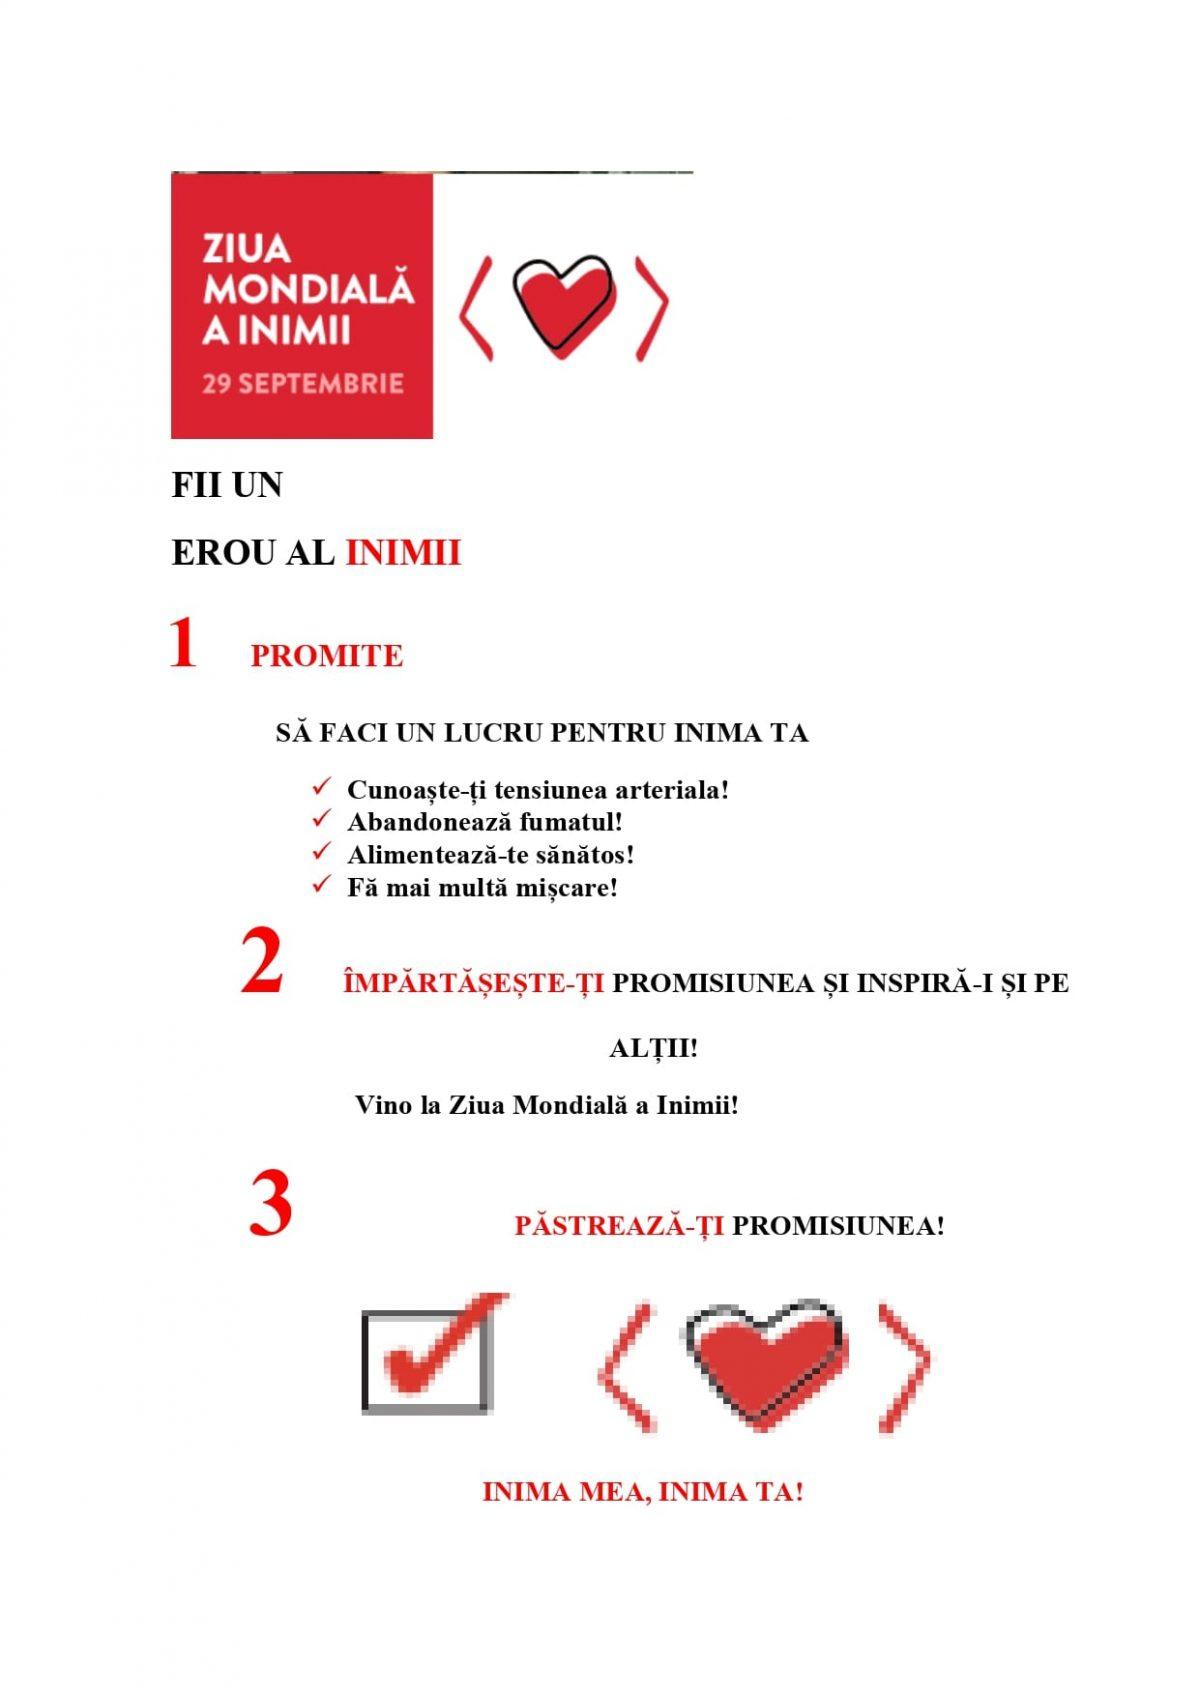 Ziua mondiala a inimii (7)